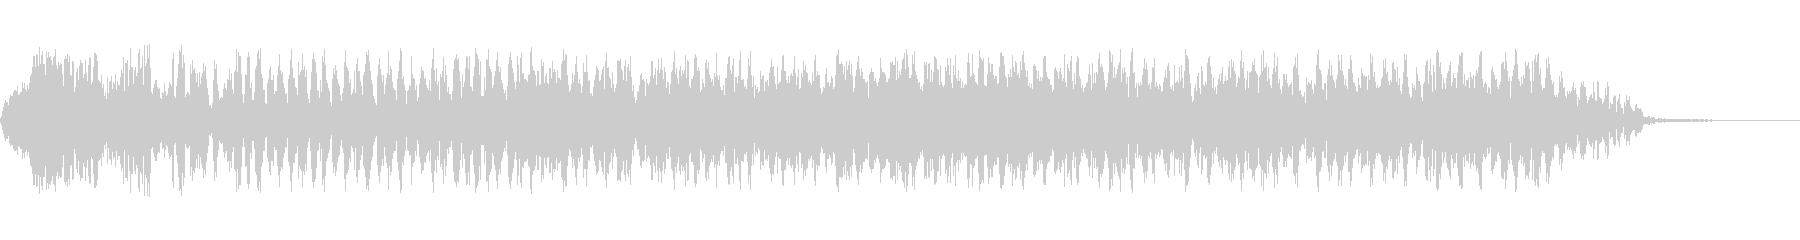 ドラム解散、トリブル1の未再生の波形